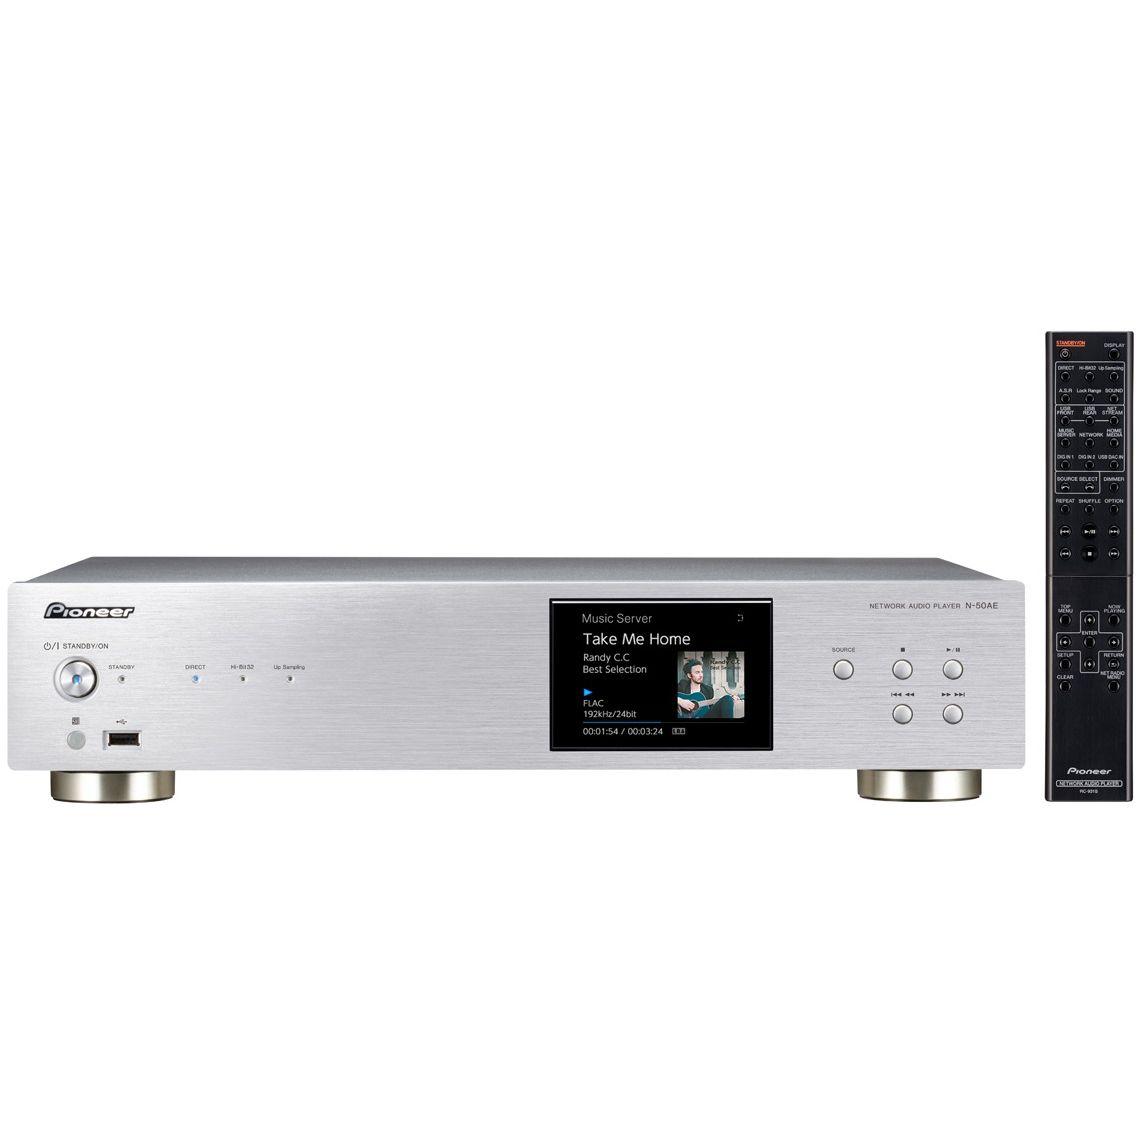 Цифровой медиаплеер Pioneer N-50AE-S